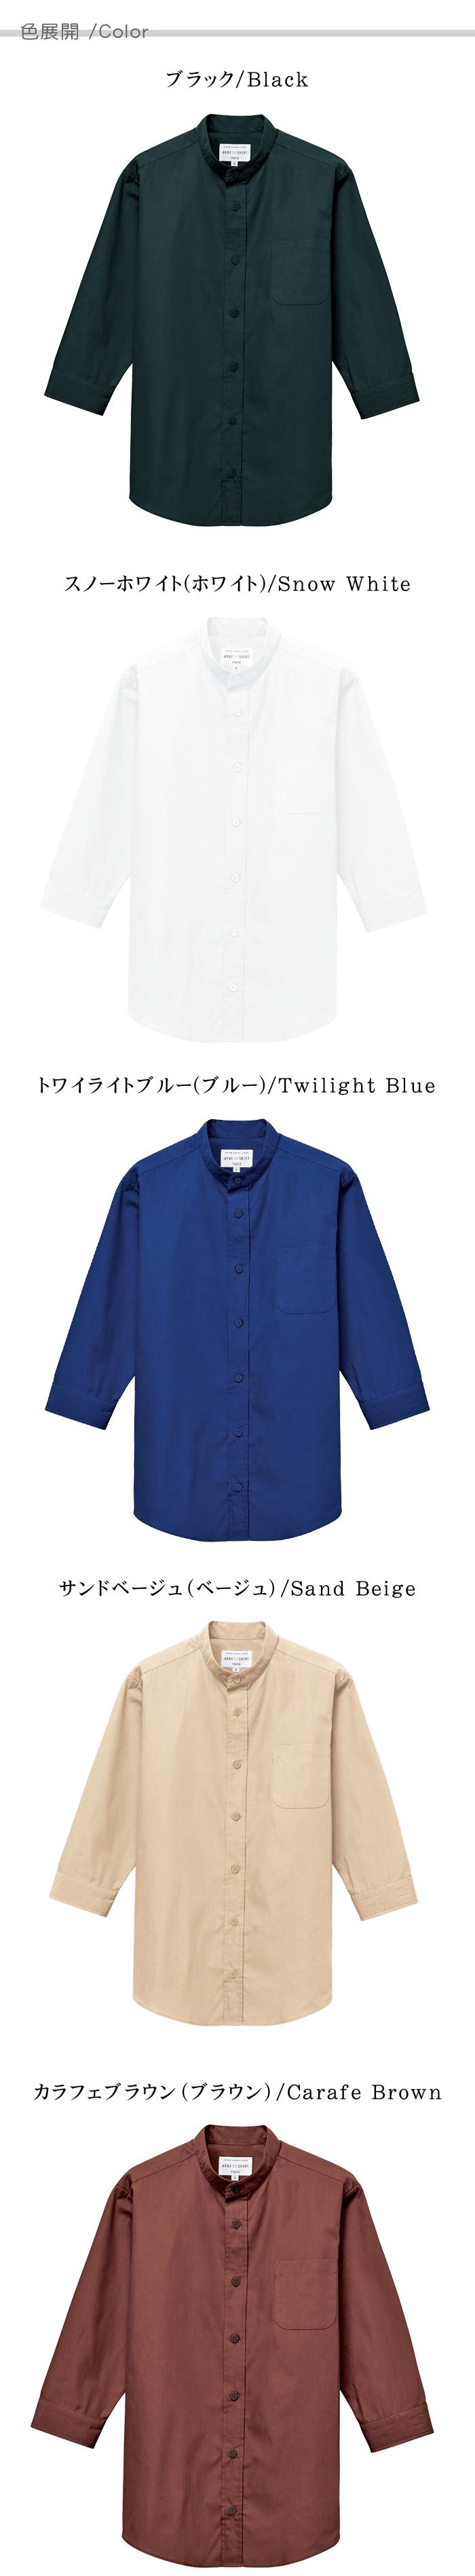 スタンドカラー七部袖シャツ全5色(男女兼用)[カフェ飲食店業務用制服]安くてお買得  色展開説明